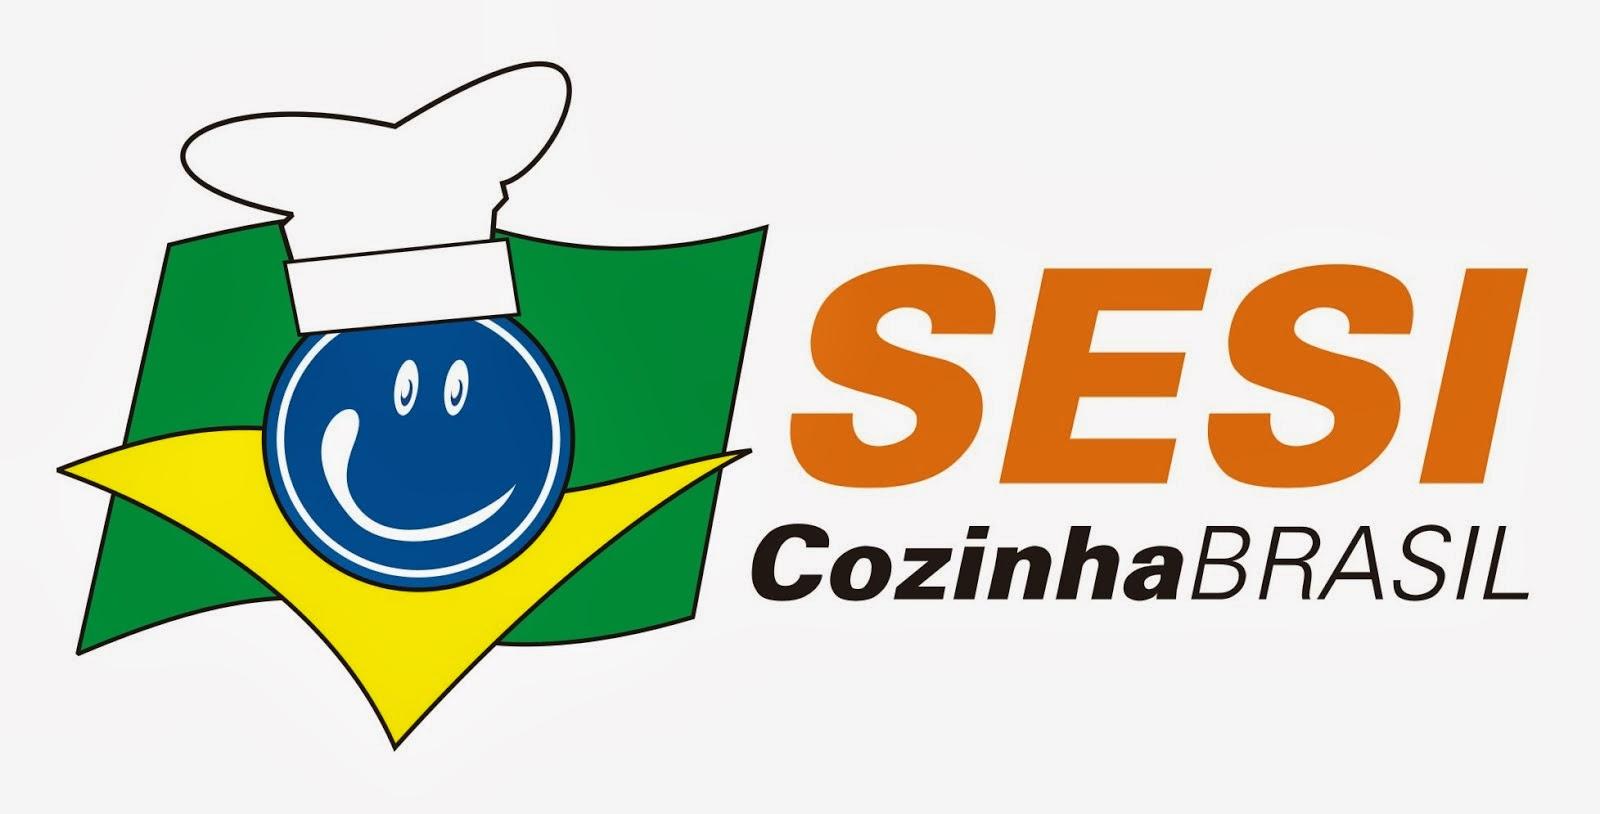 PROGRAMA SESI COZINHA BRASIL CHEGA A ITALVA COM CURSO DE CULINÁRIA  #008835 1600 814